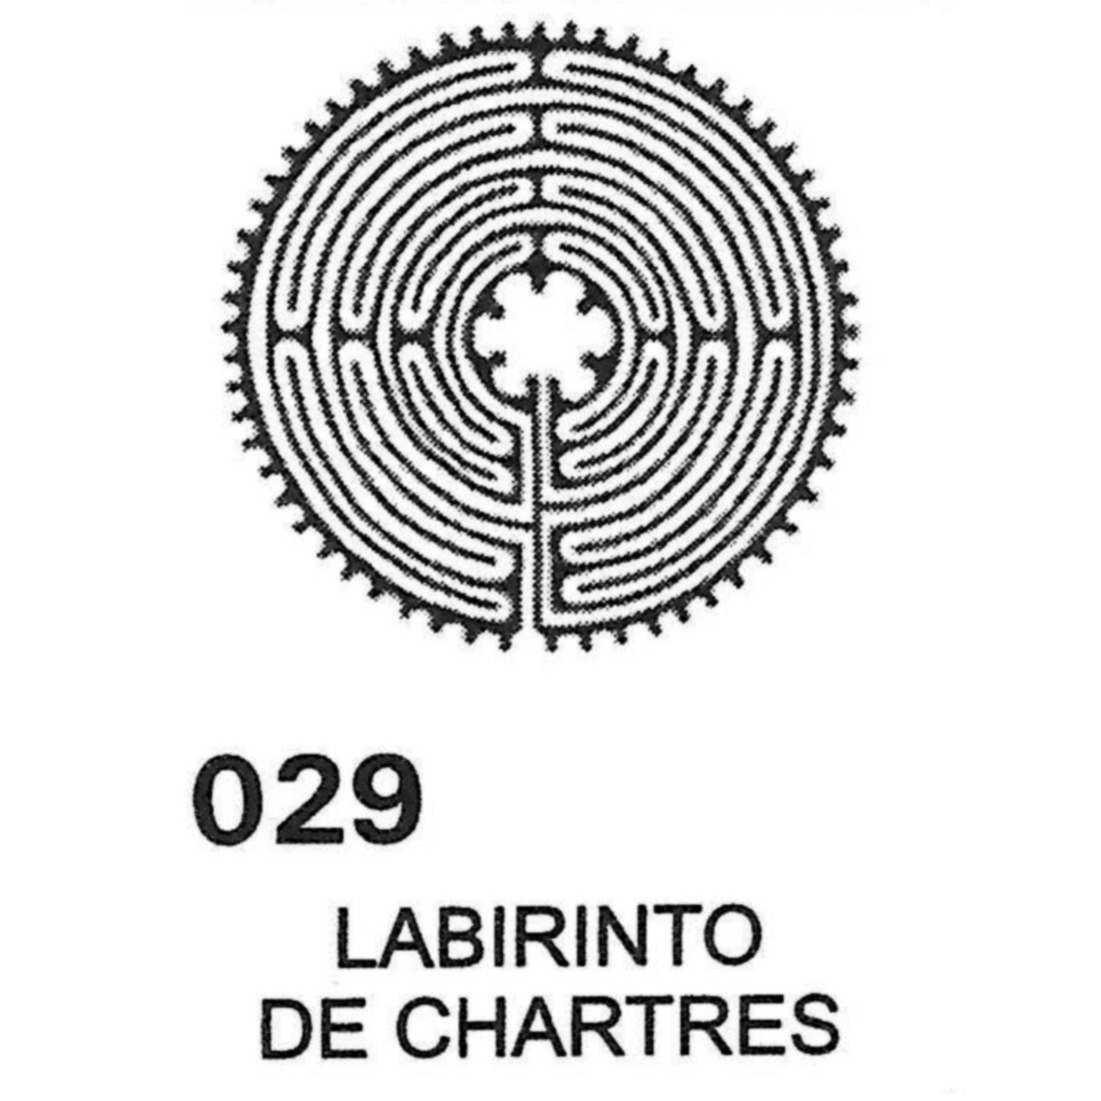 Labirinto Chartres - PVC  -  Zots